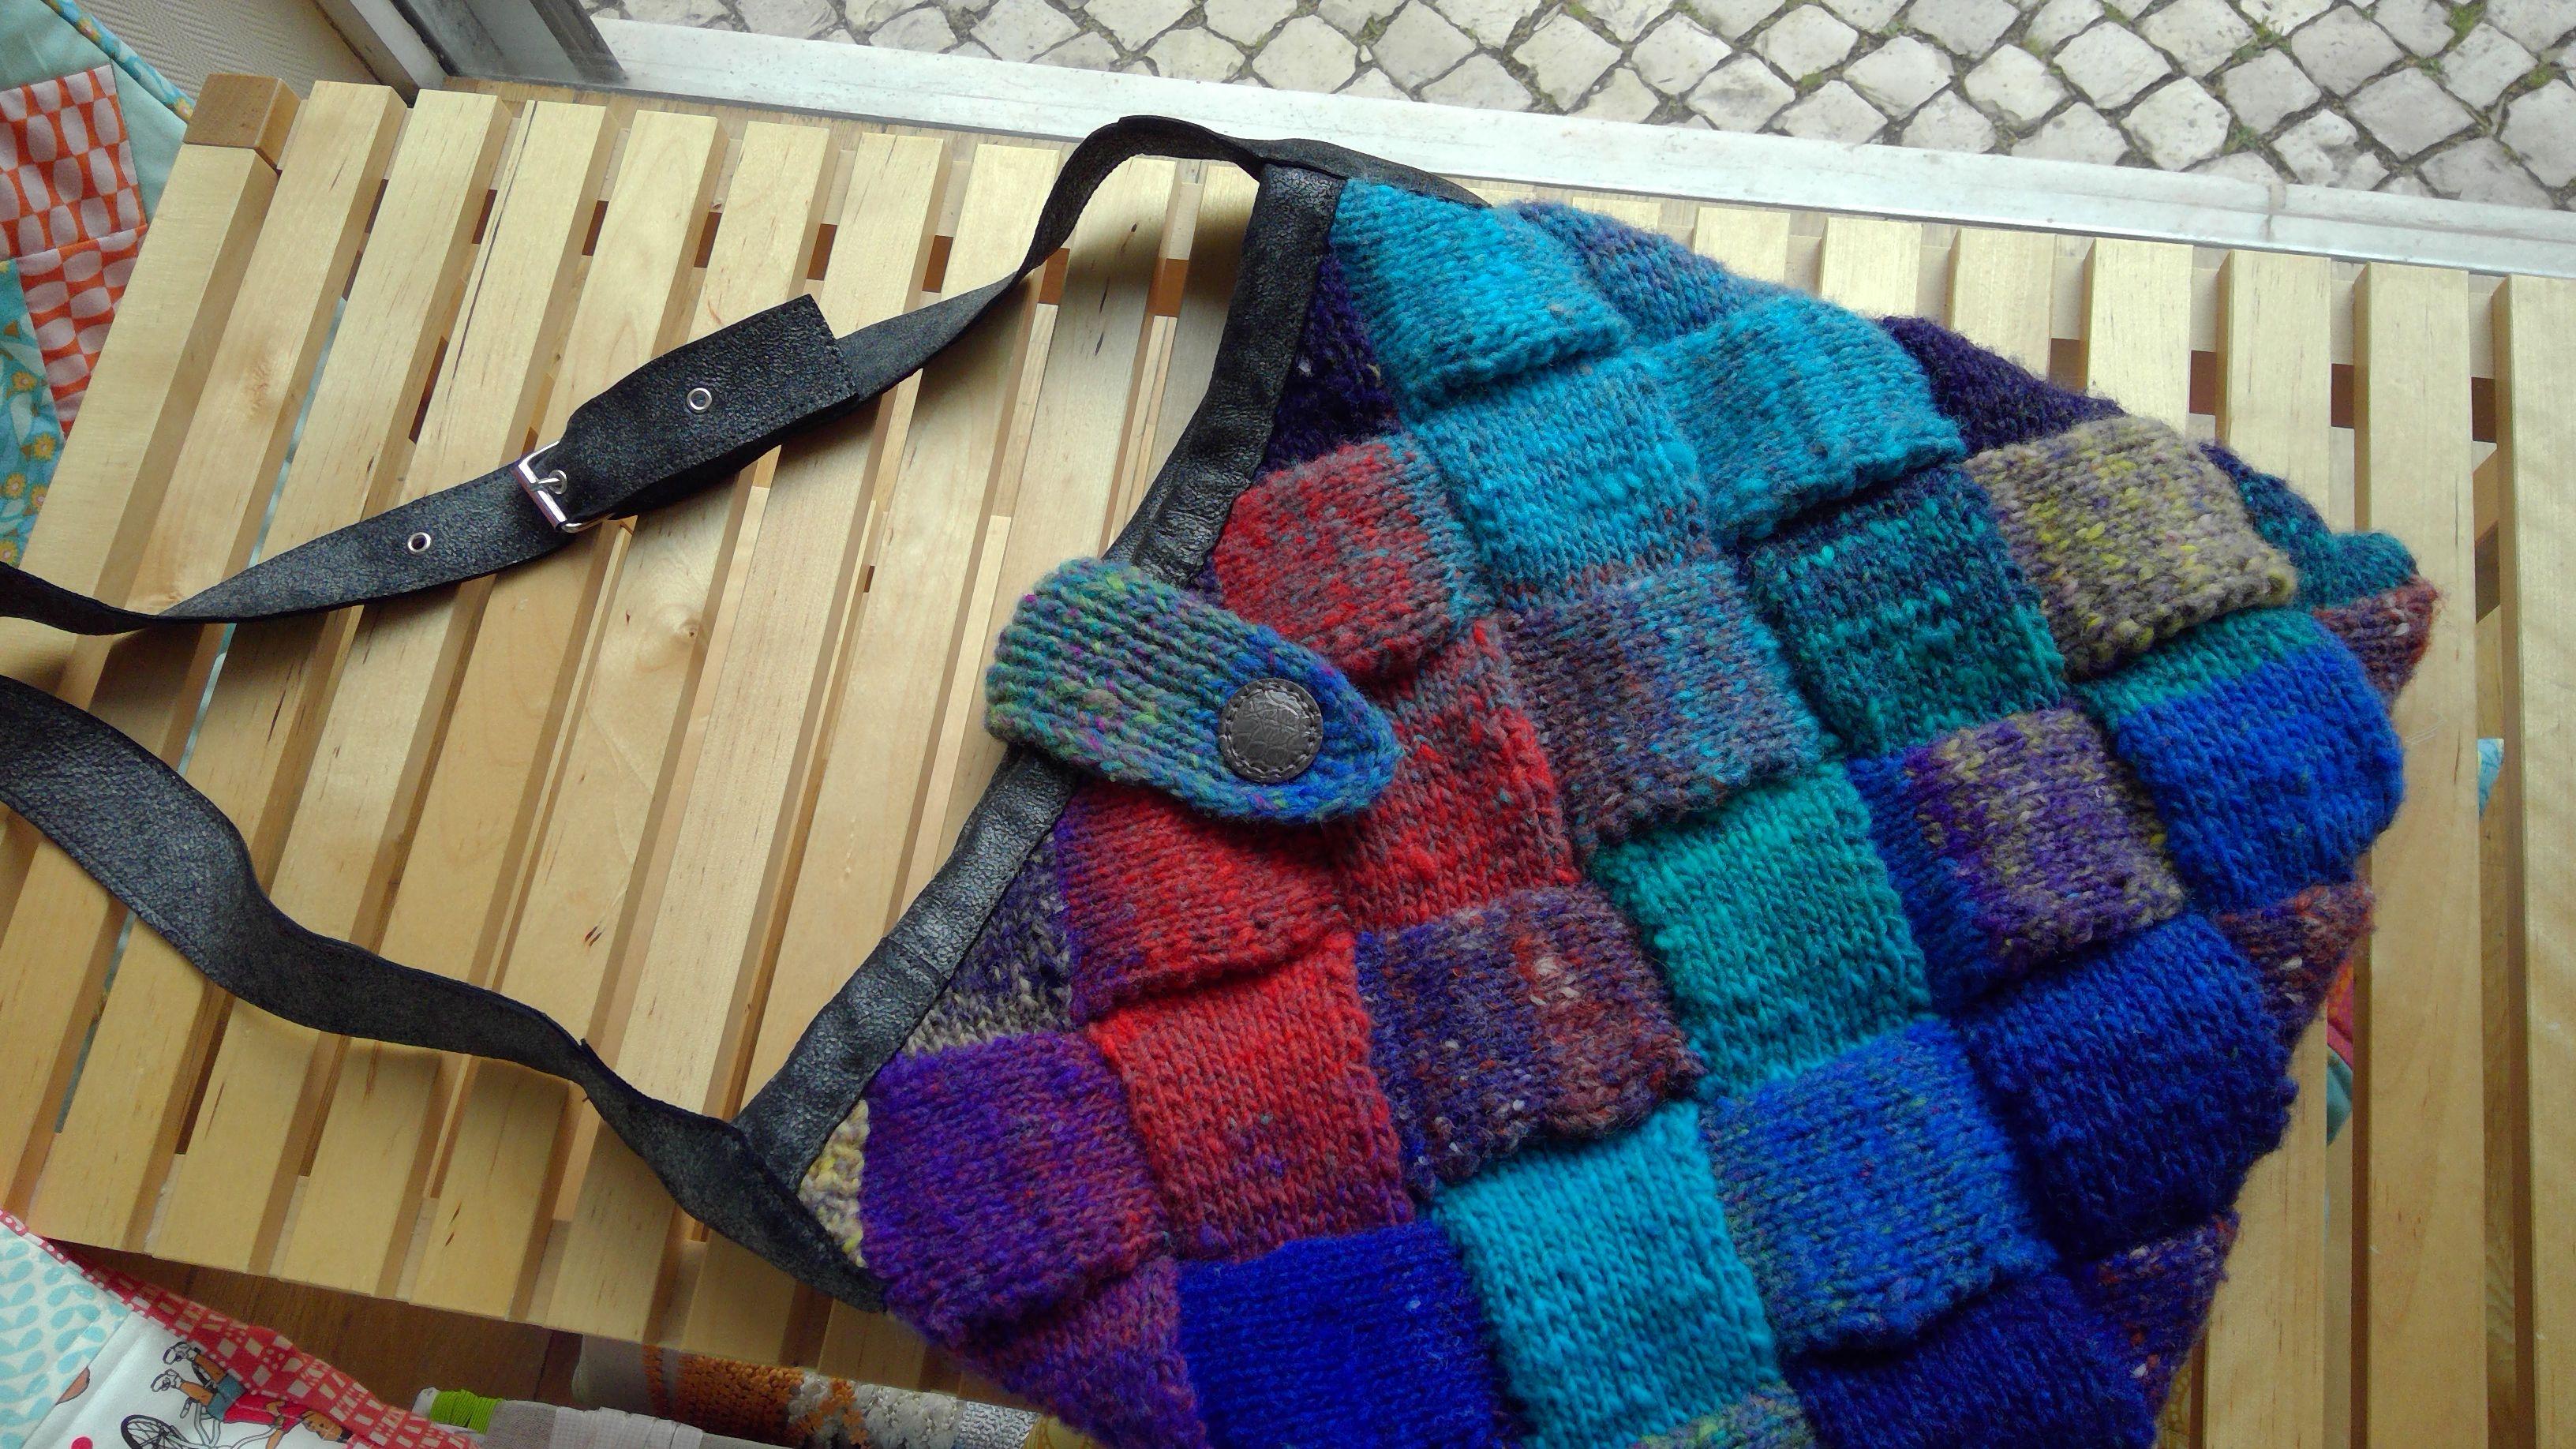 Dotquilts knitting class. Entrelac bag with leather handle.  Das aulas de tricot na Dotquilts: saco em entrelac com alça de couro. #entrelac #circularentrelac #entrelacknitting #dotquilts